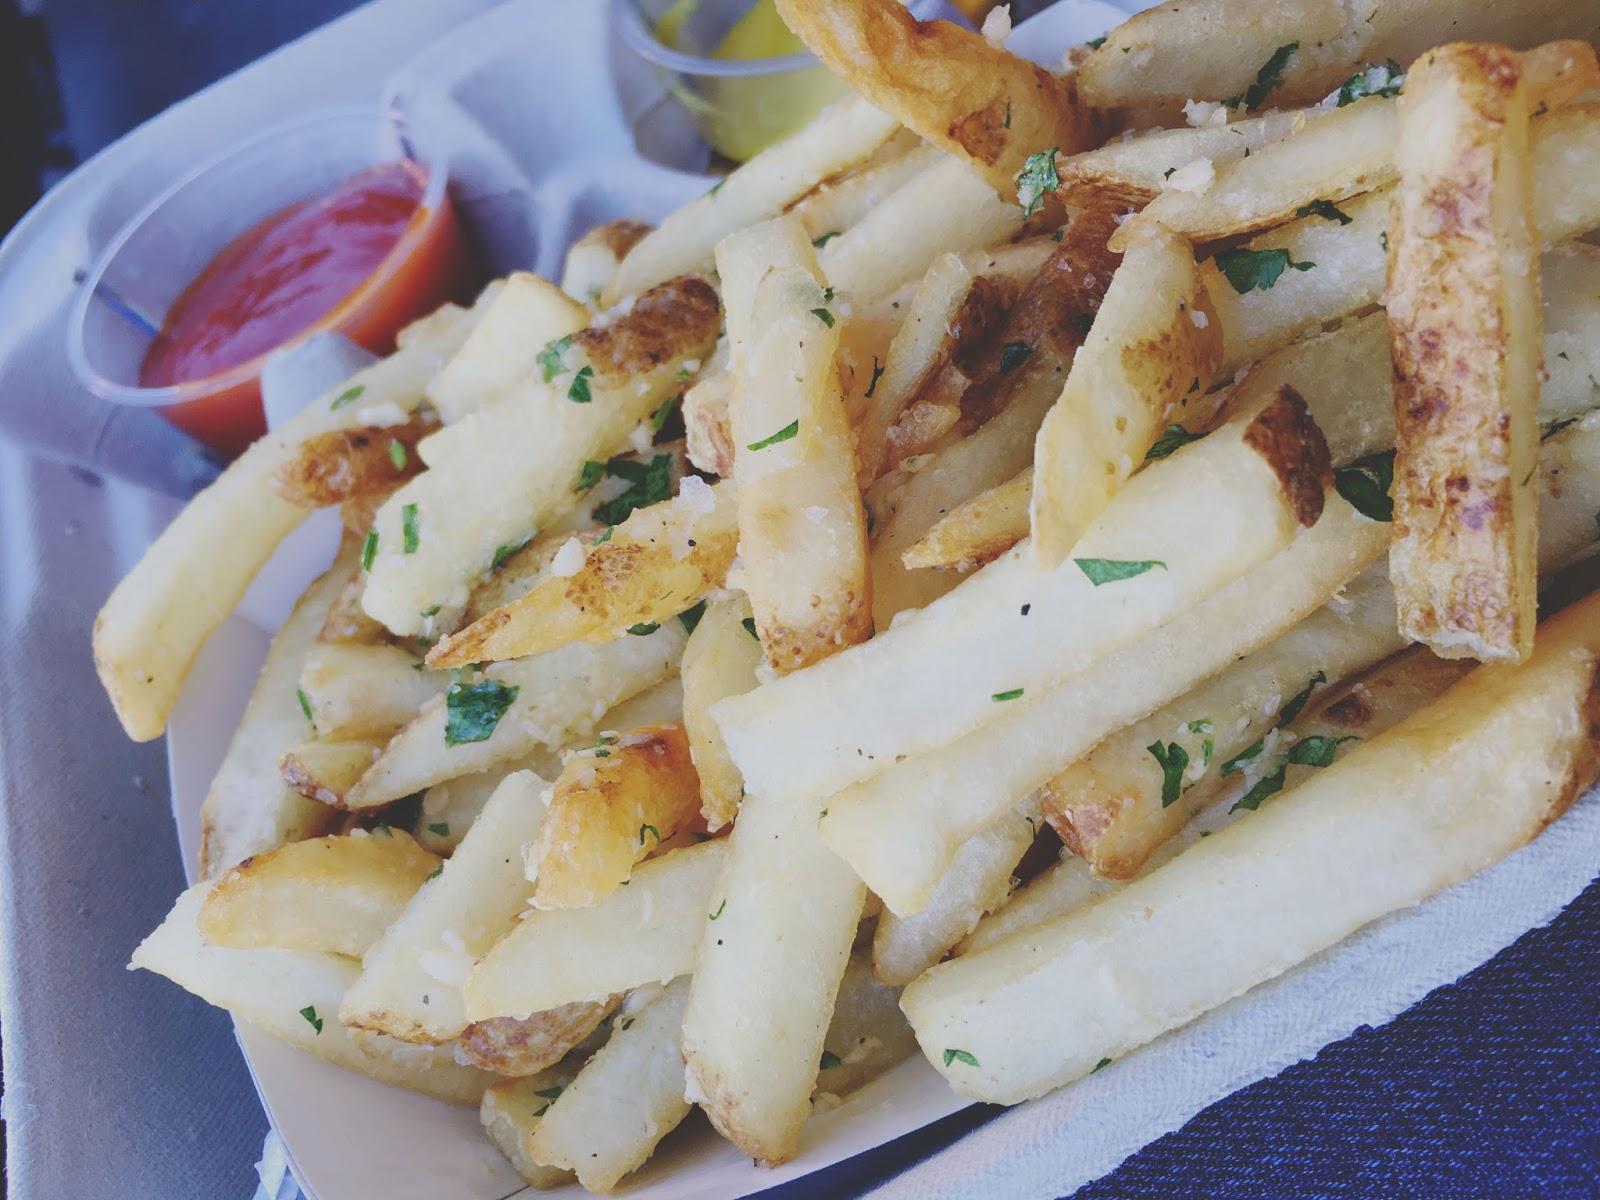 garlic fries at AT&T Park - the baseball stadium in San Francisco, California